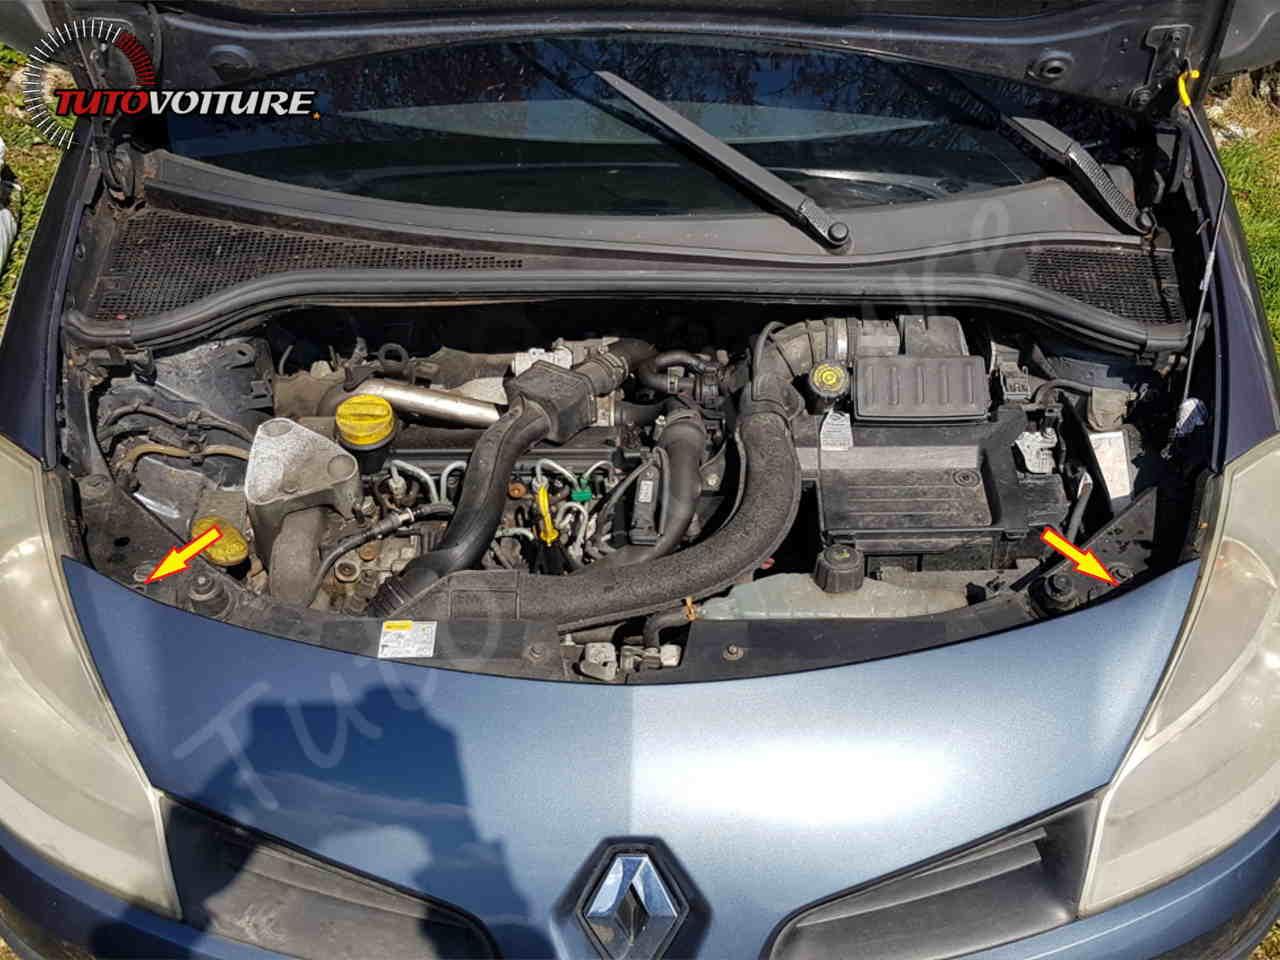 Ou sont les fixations du pare-chocs avant Renault Clio 3